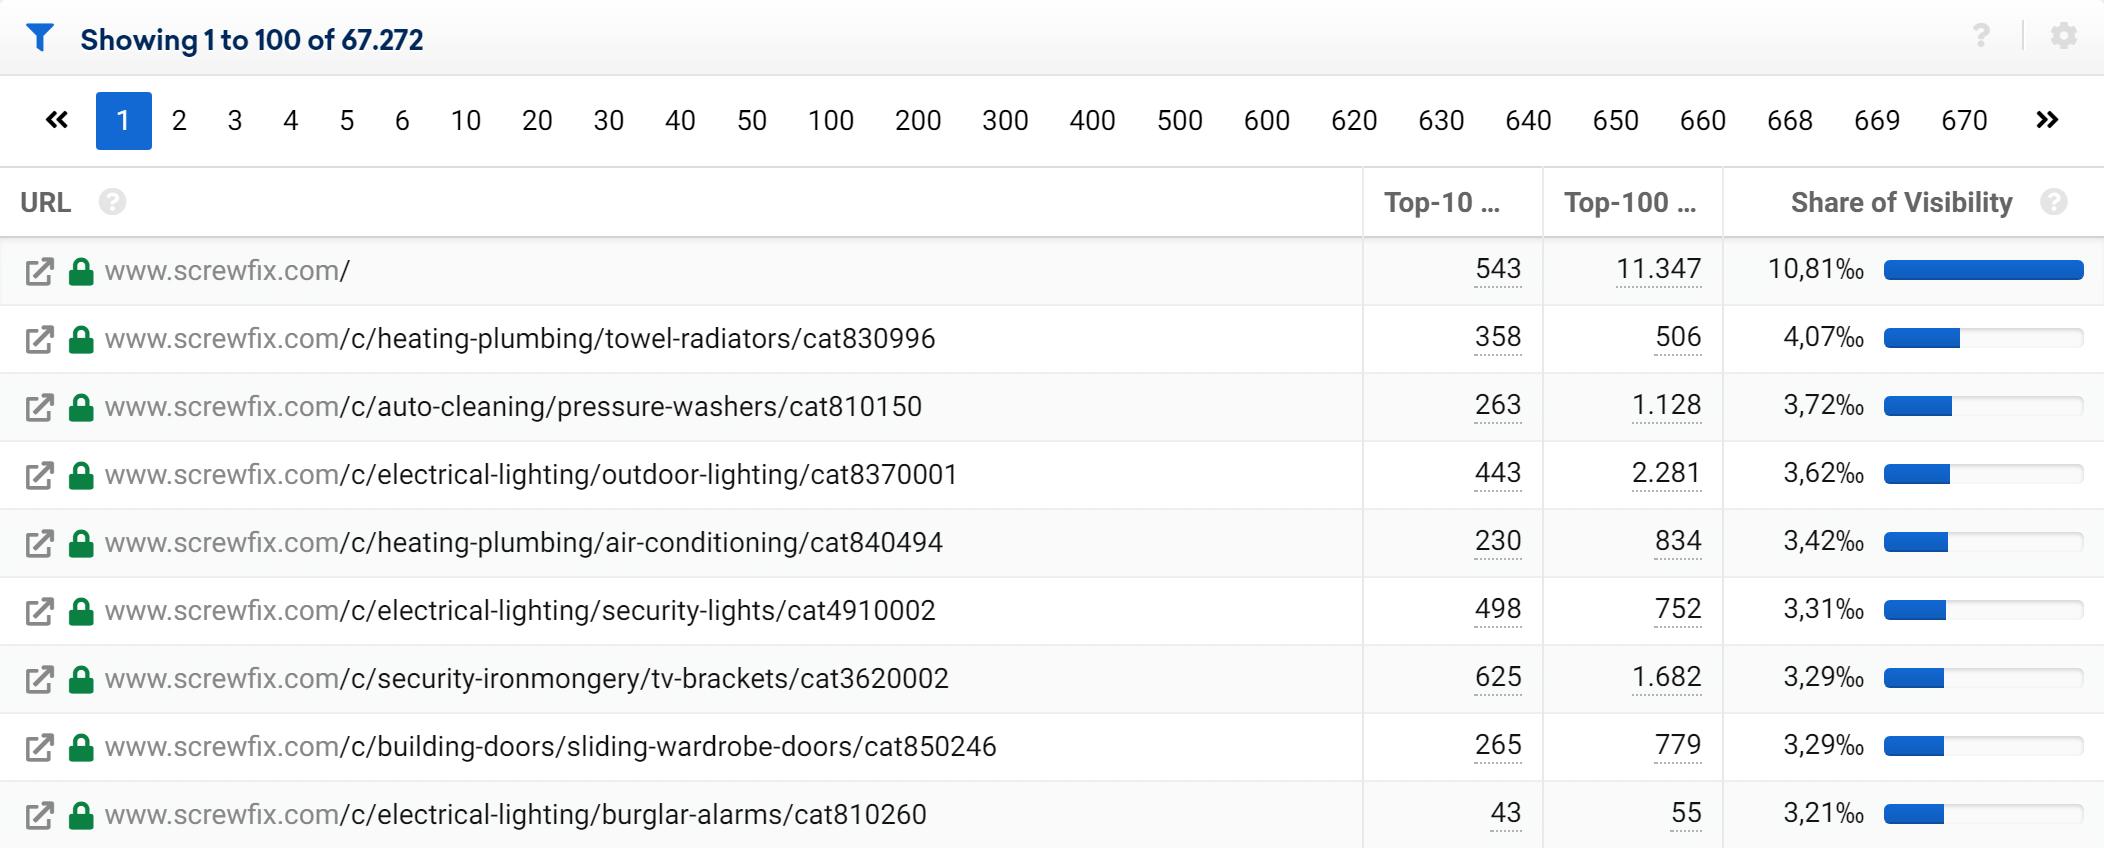 Most successful URLs of screwfix.com